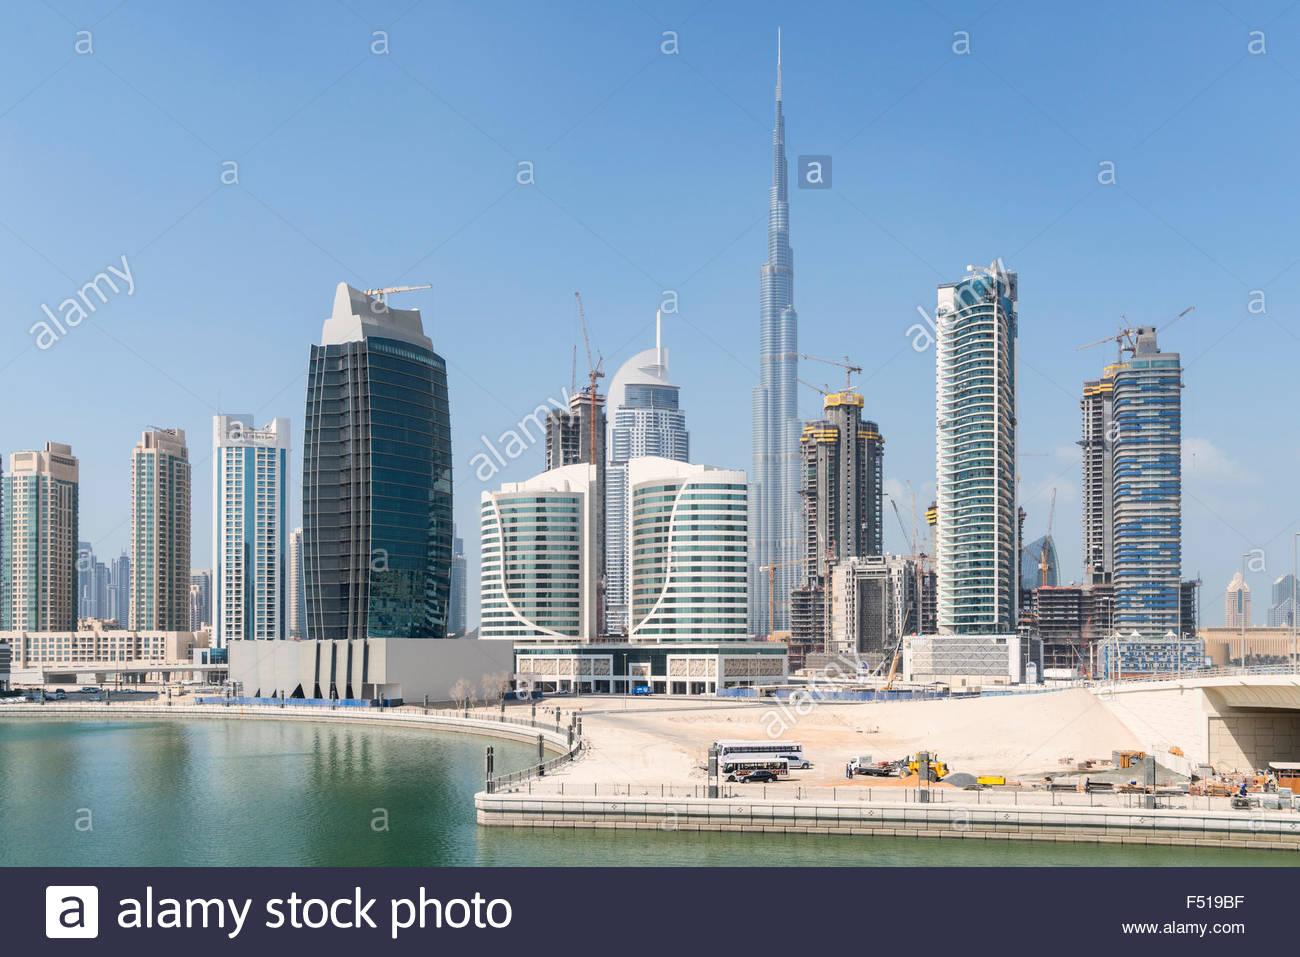 Horizonte de rascacielos junto a los Creek en la Bahía de Negocios en Dubai, Emiratos Árabes Unidos Imagen De Stock